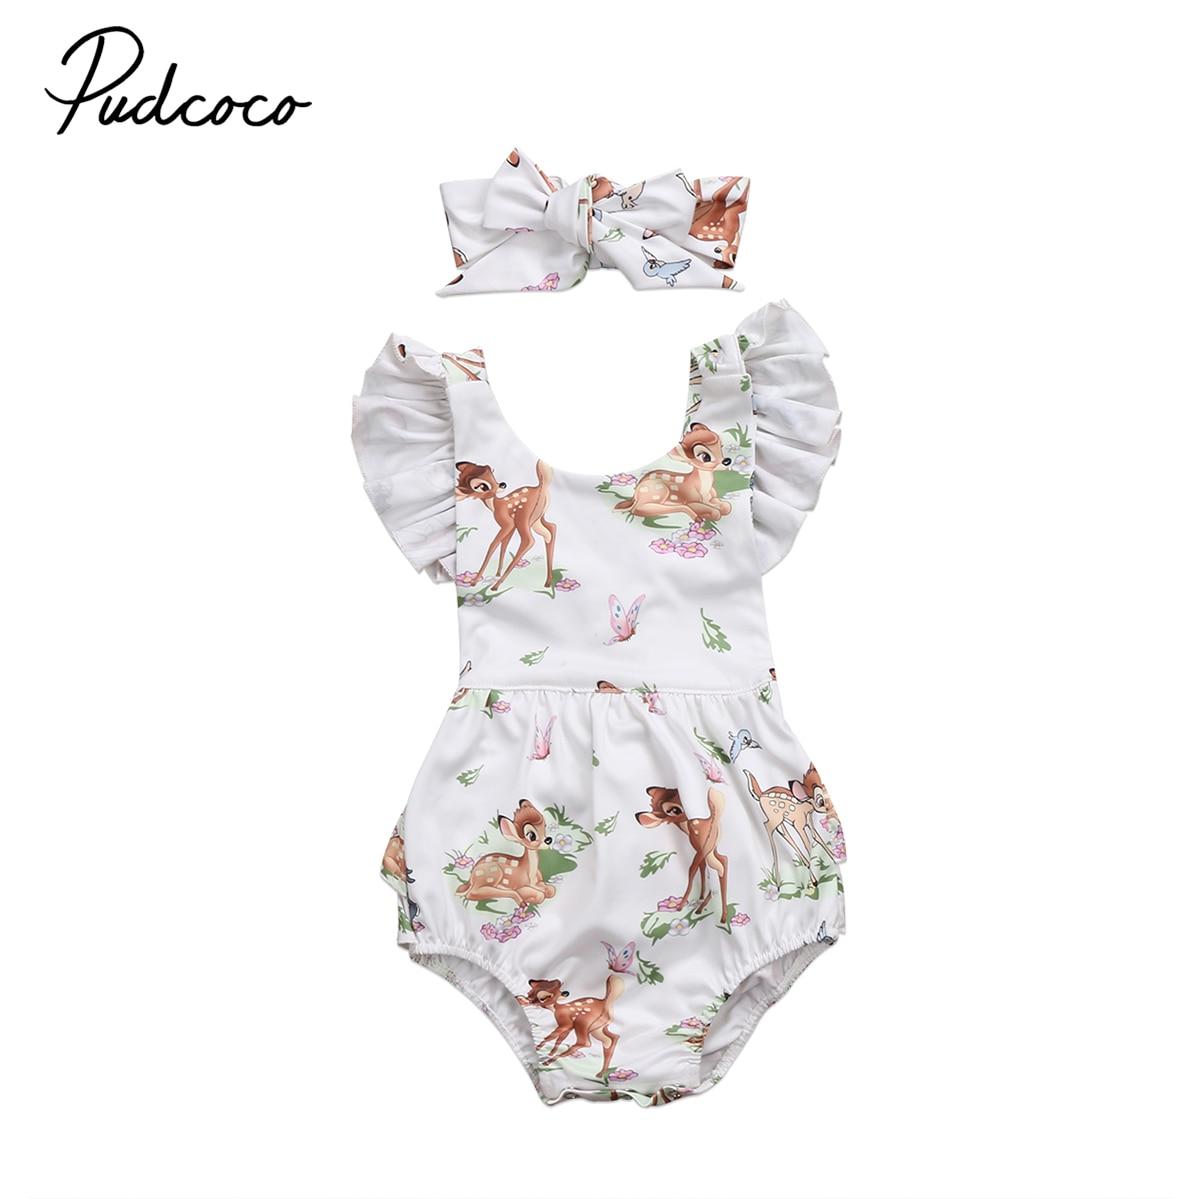 Vêtements pour bébés filles de 0-2 ans | Barboteuse sans manches, en coton, vêtements pour bébés filles de 0-2 ans